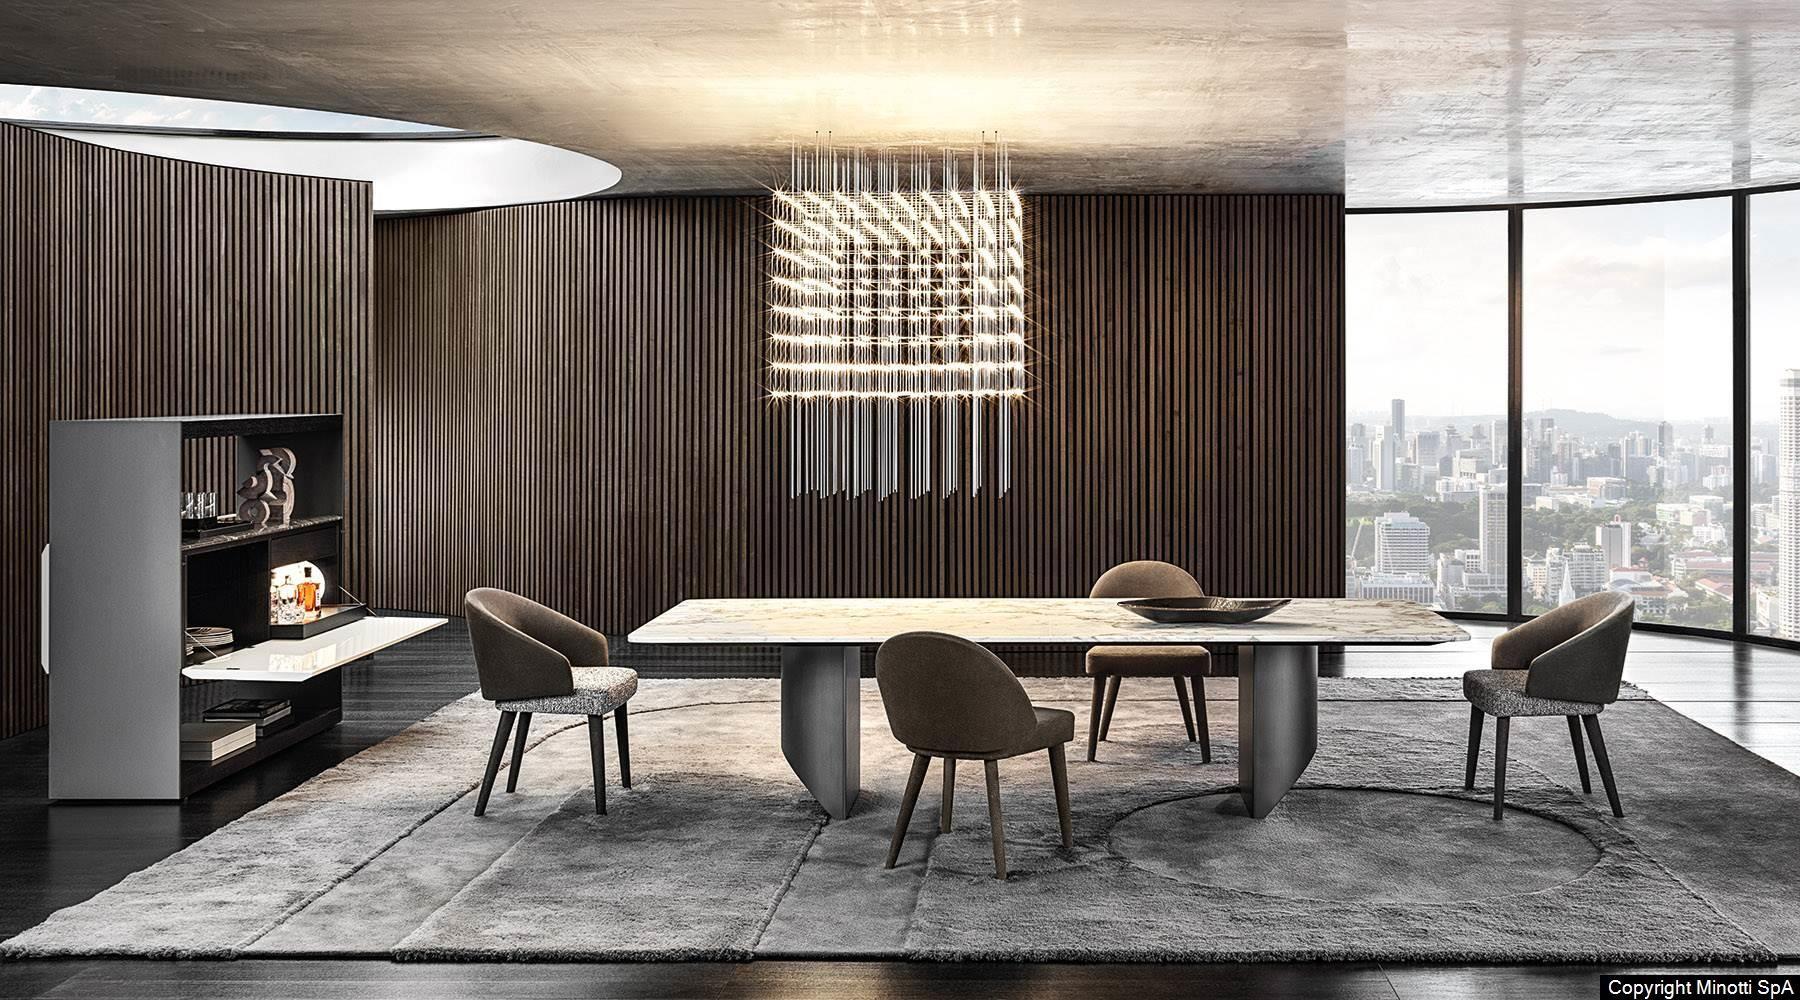 Photo of Smink   Art + Design møbler kunstprodukter   Produkter   Servering   Wedge Dining